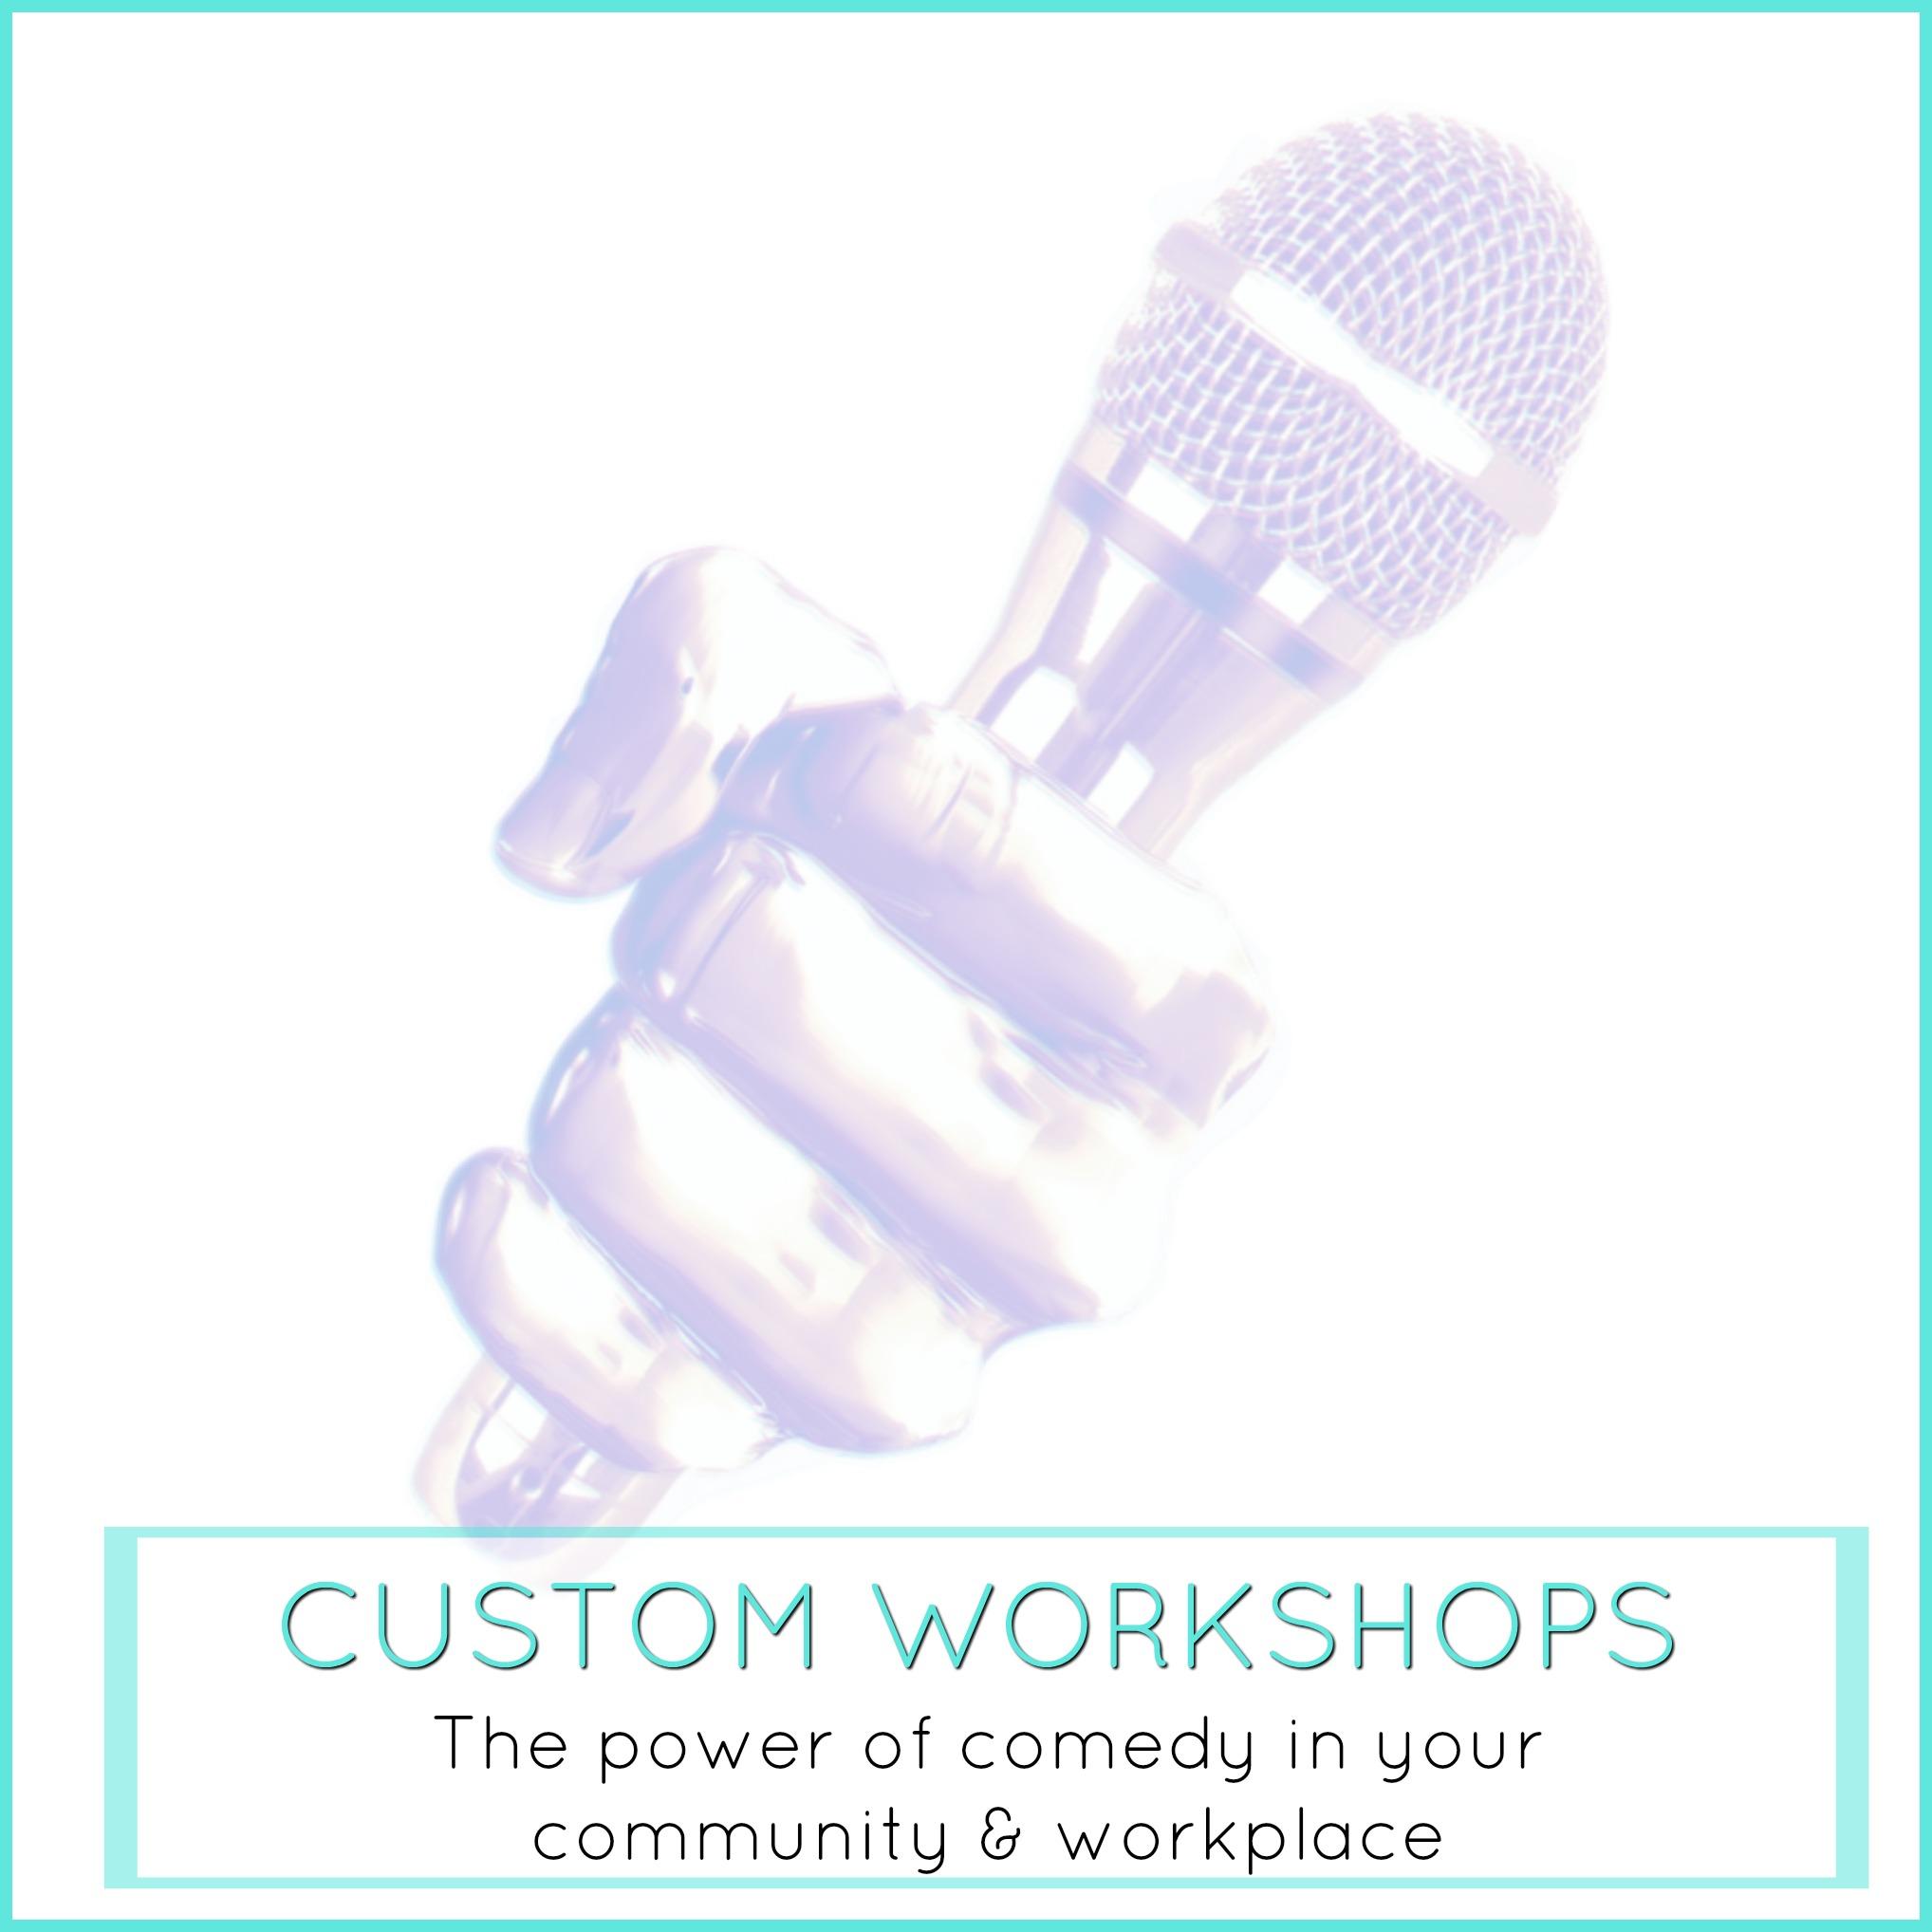 Workshops_custom.jpg